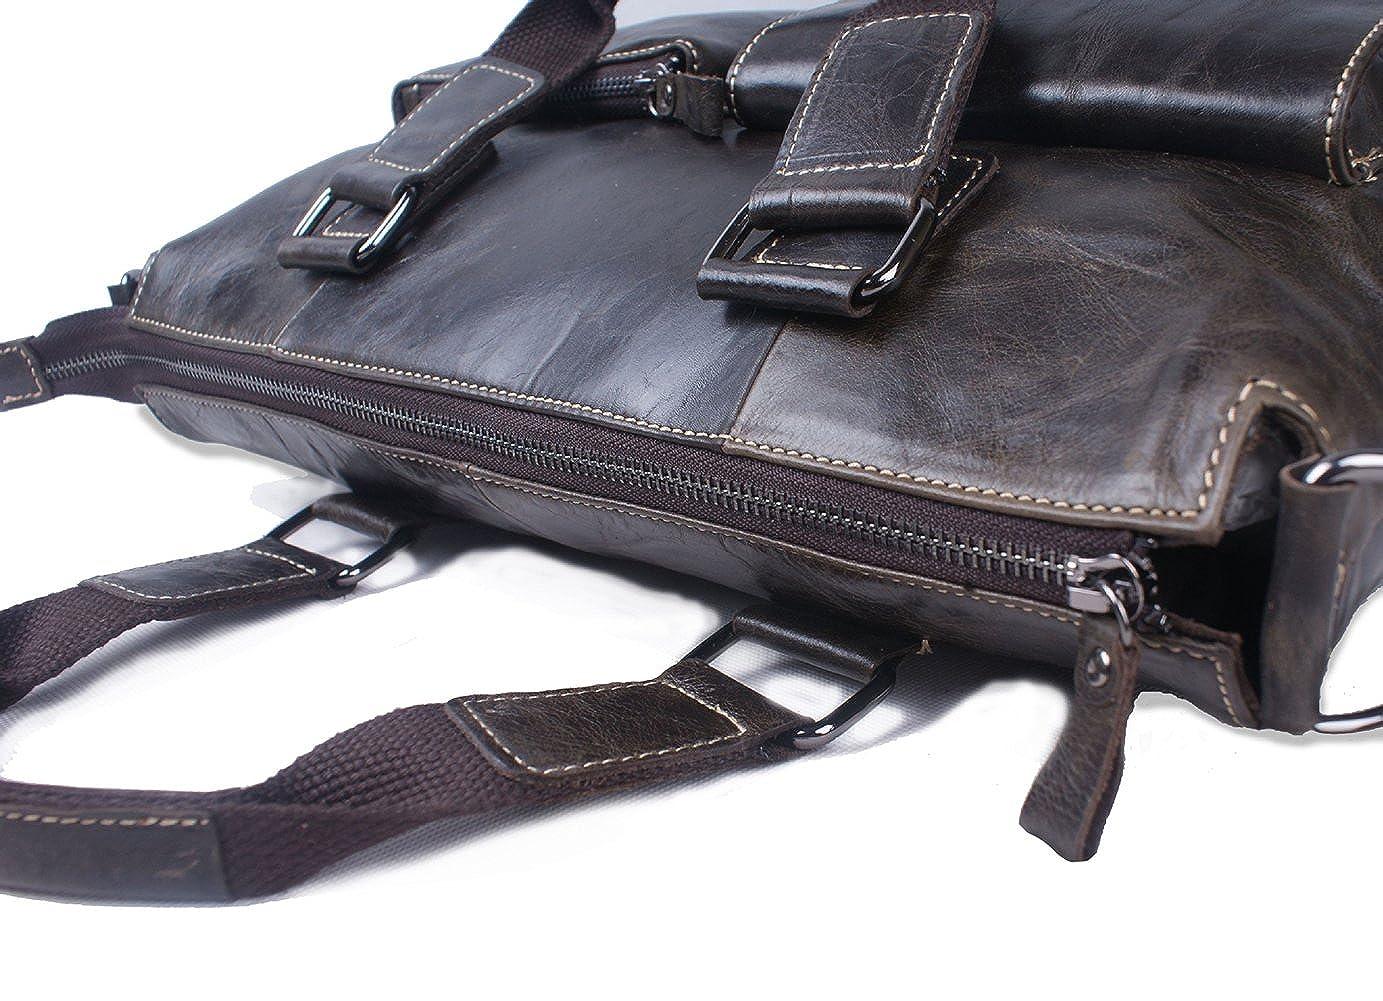 Liveinu Mens Leather Briefcase Bag Vintage Messenger Crossbody Bag Large Capacity